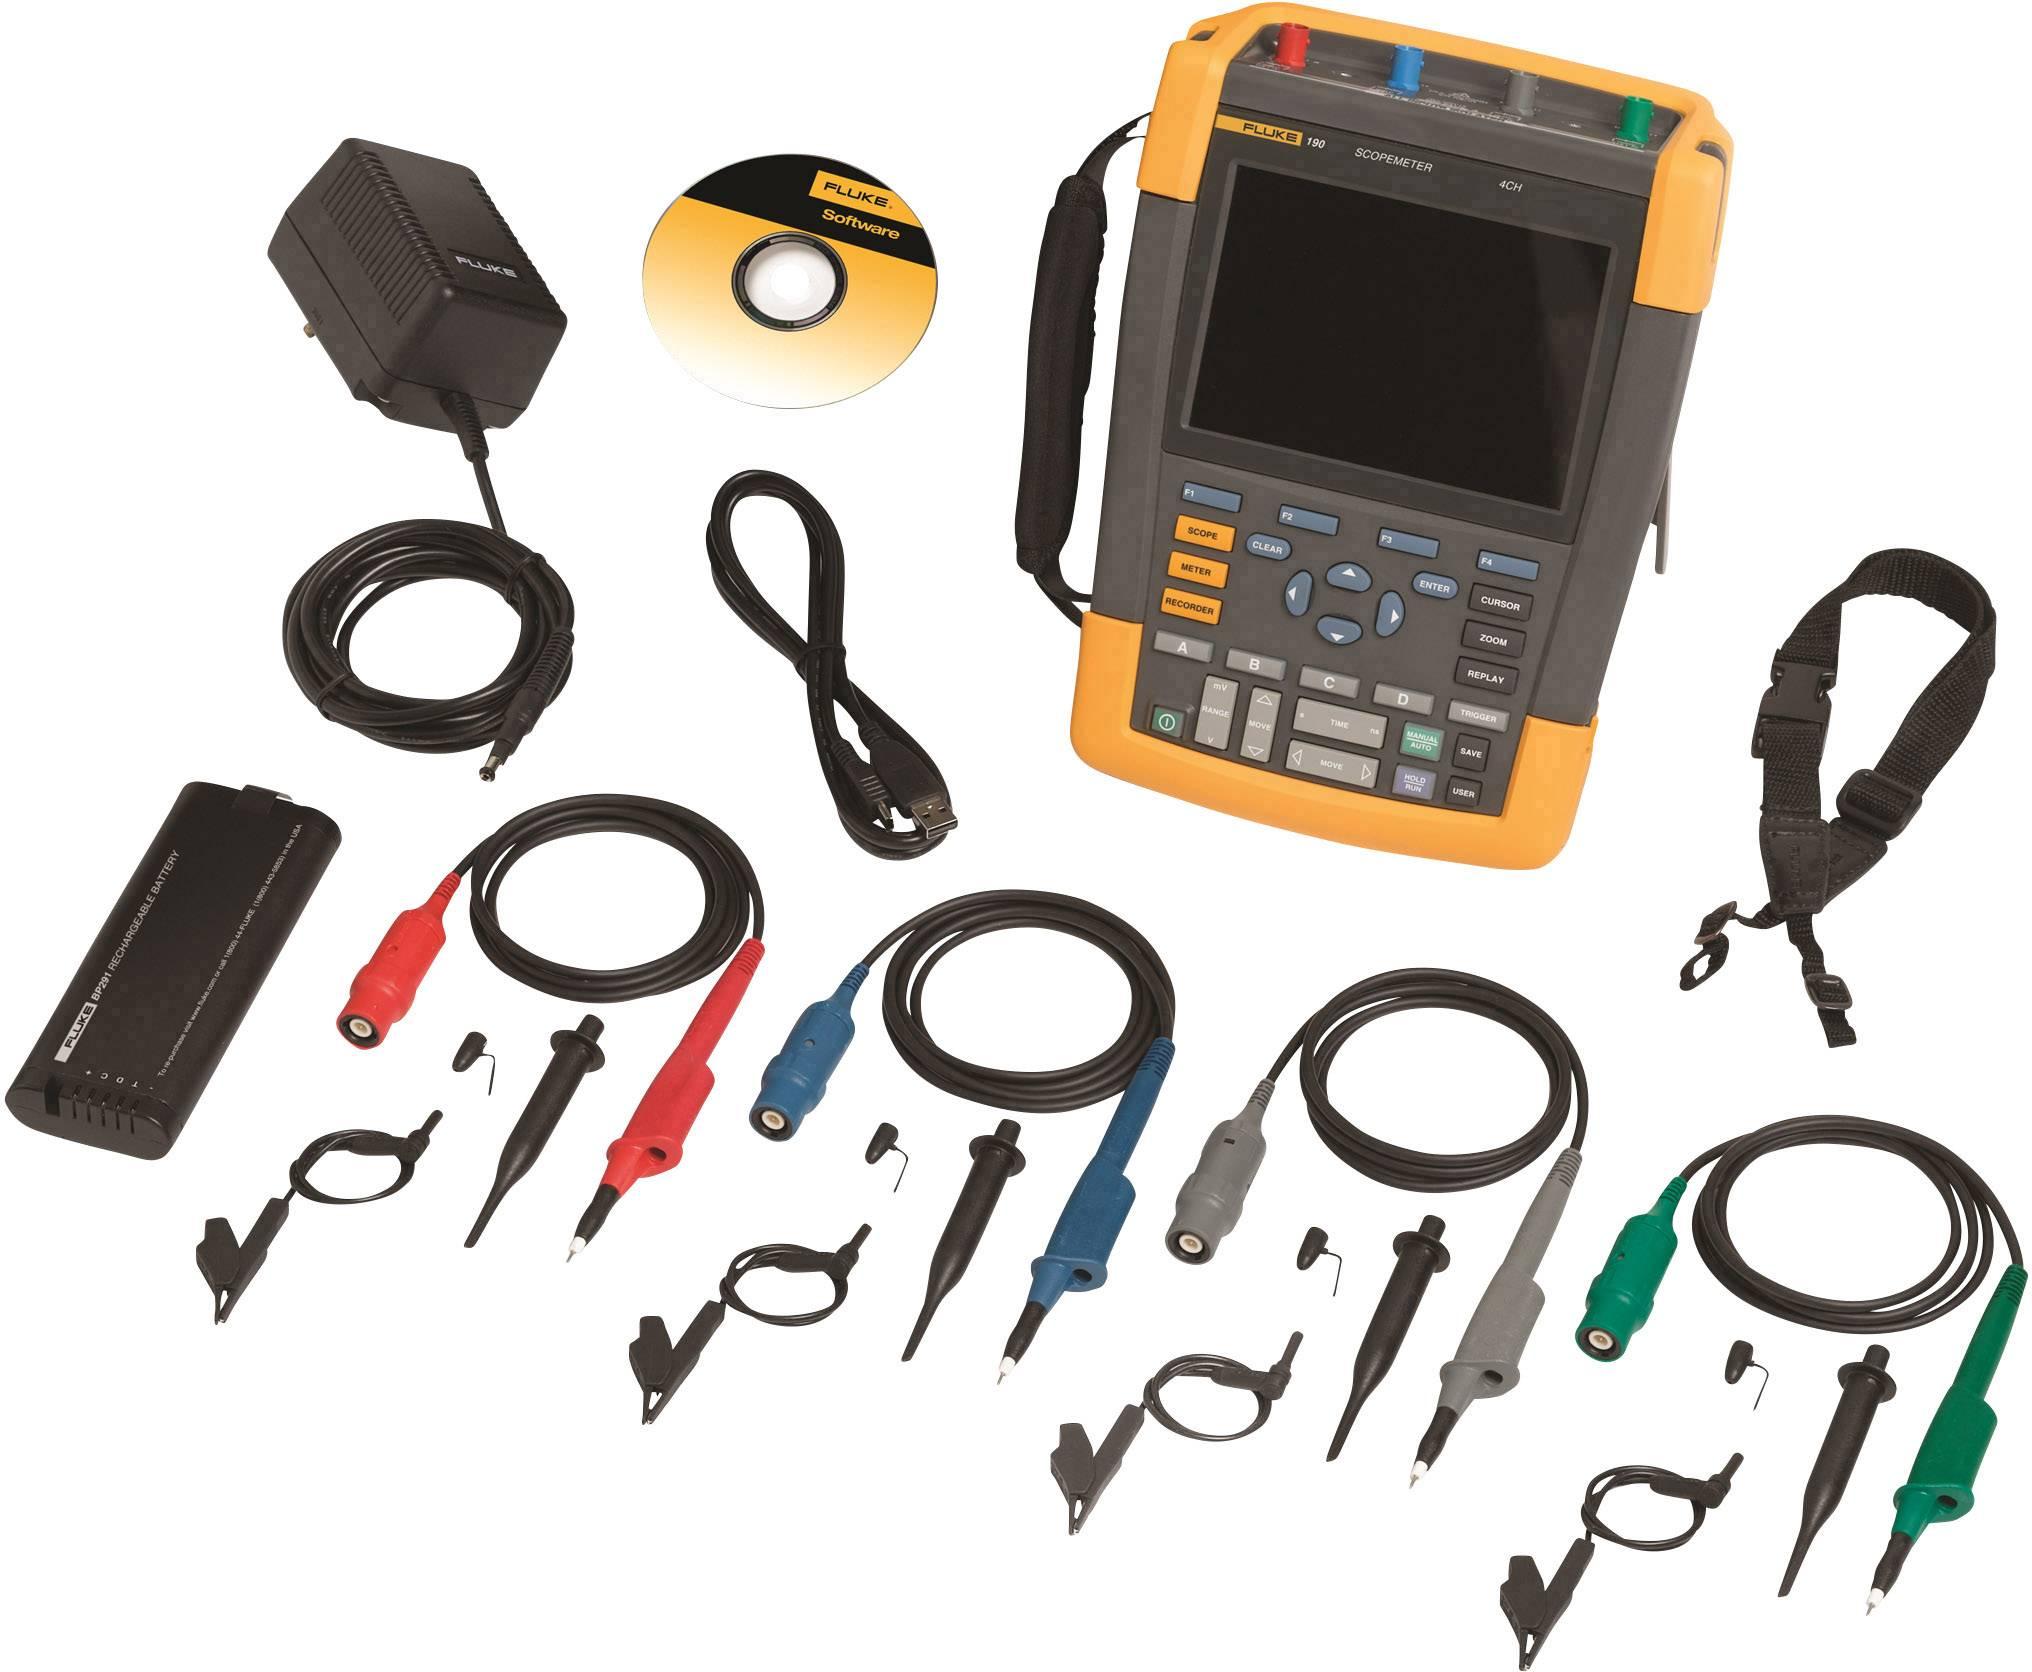 Ručný osciloskop Fluke ScopeMeter 190-104/EU, 100 MHz, 4-kanálová